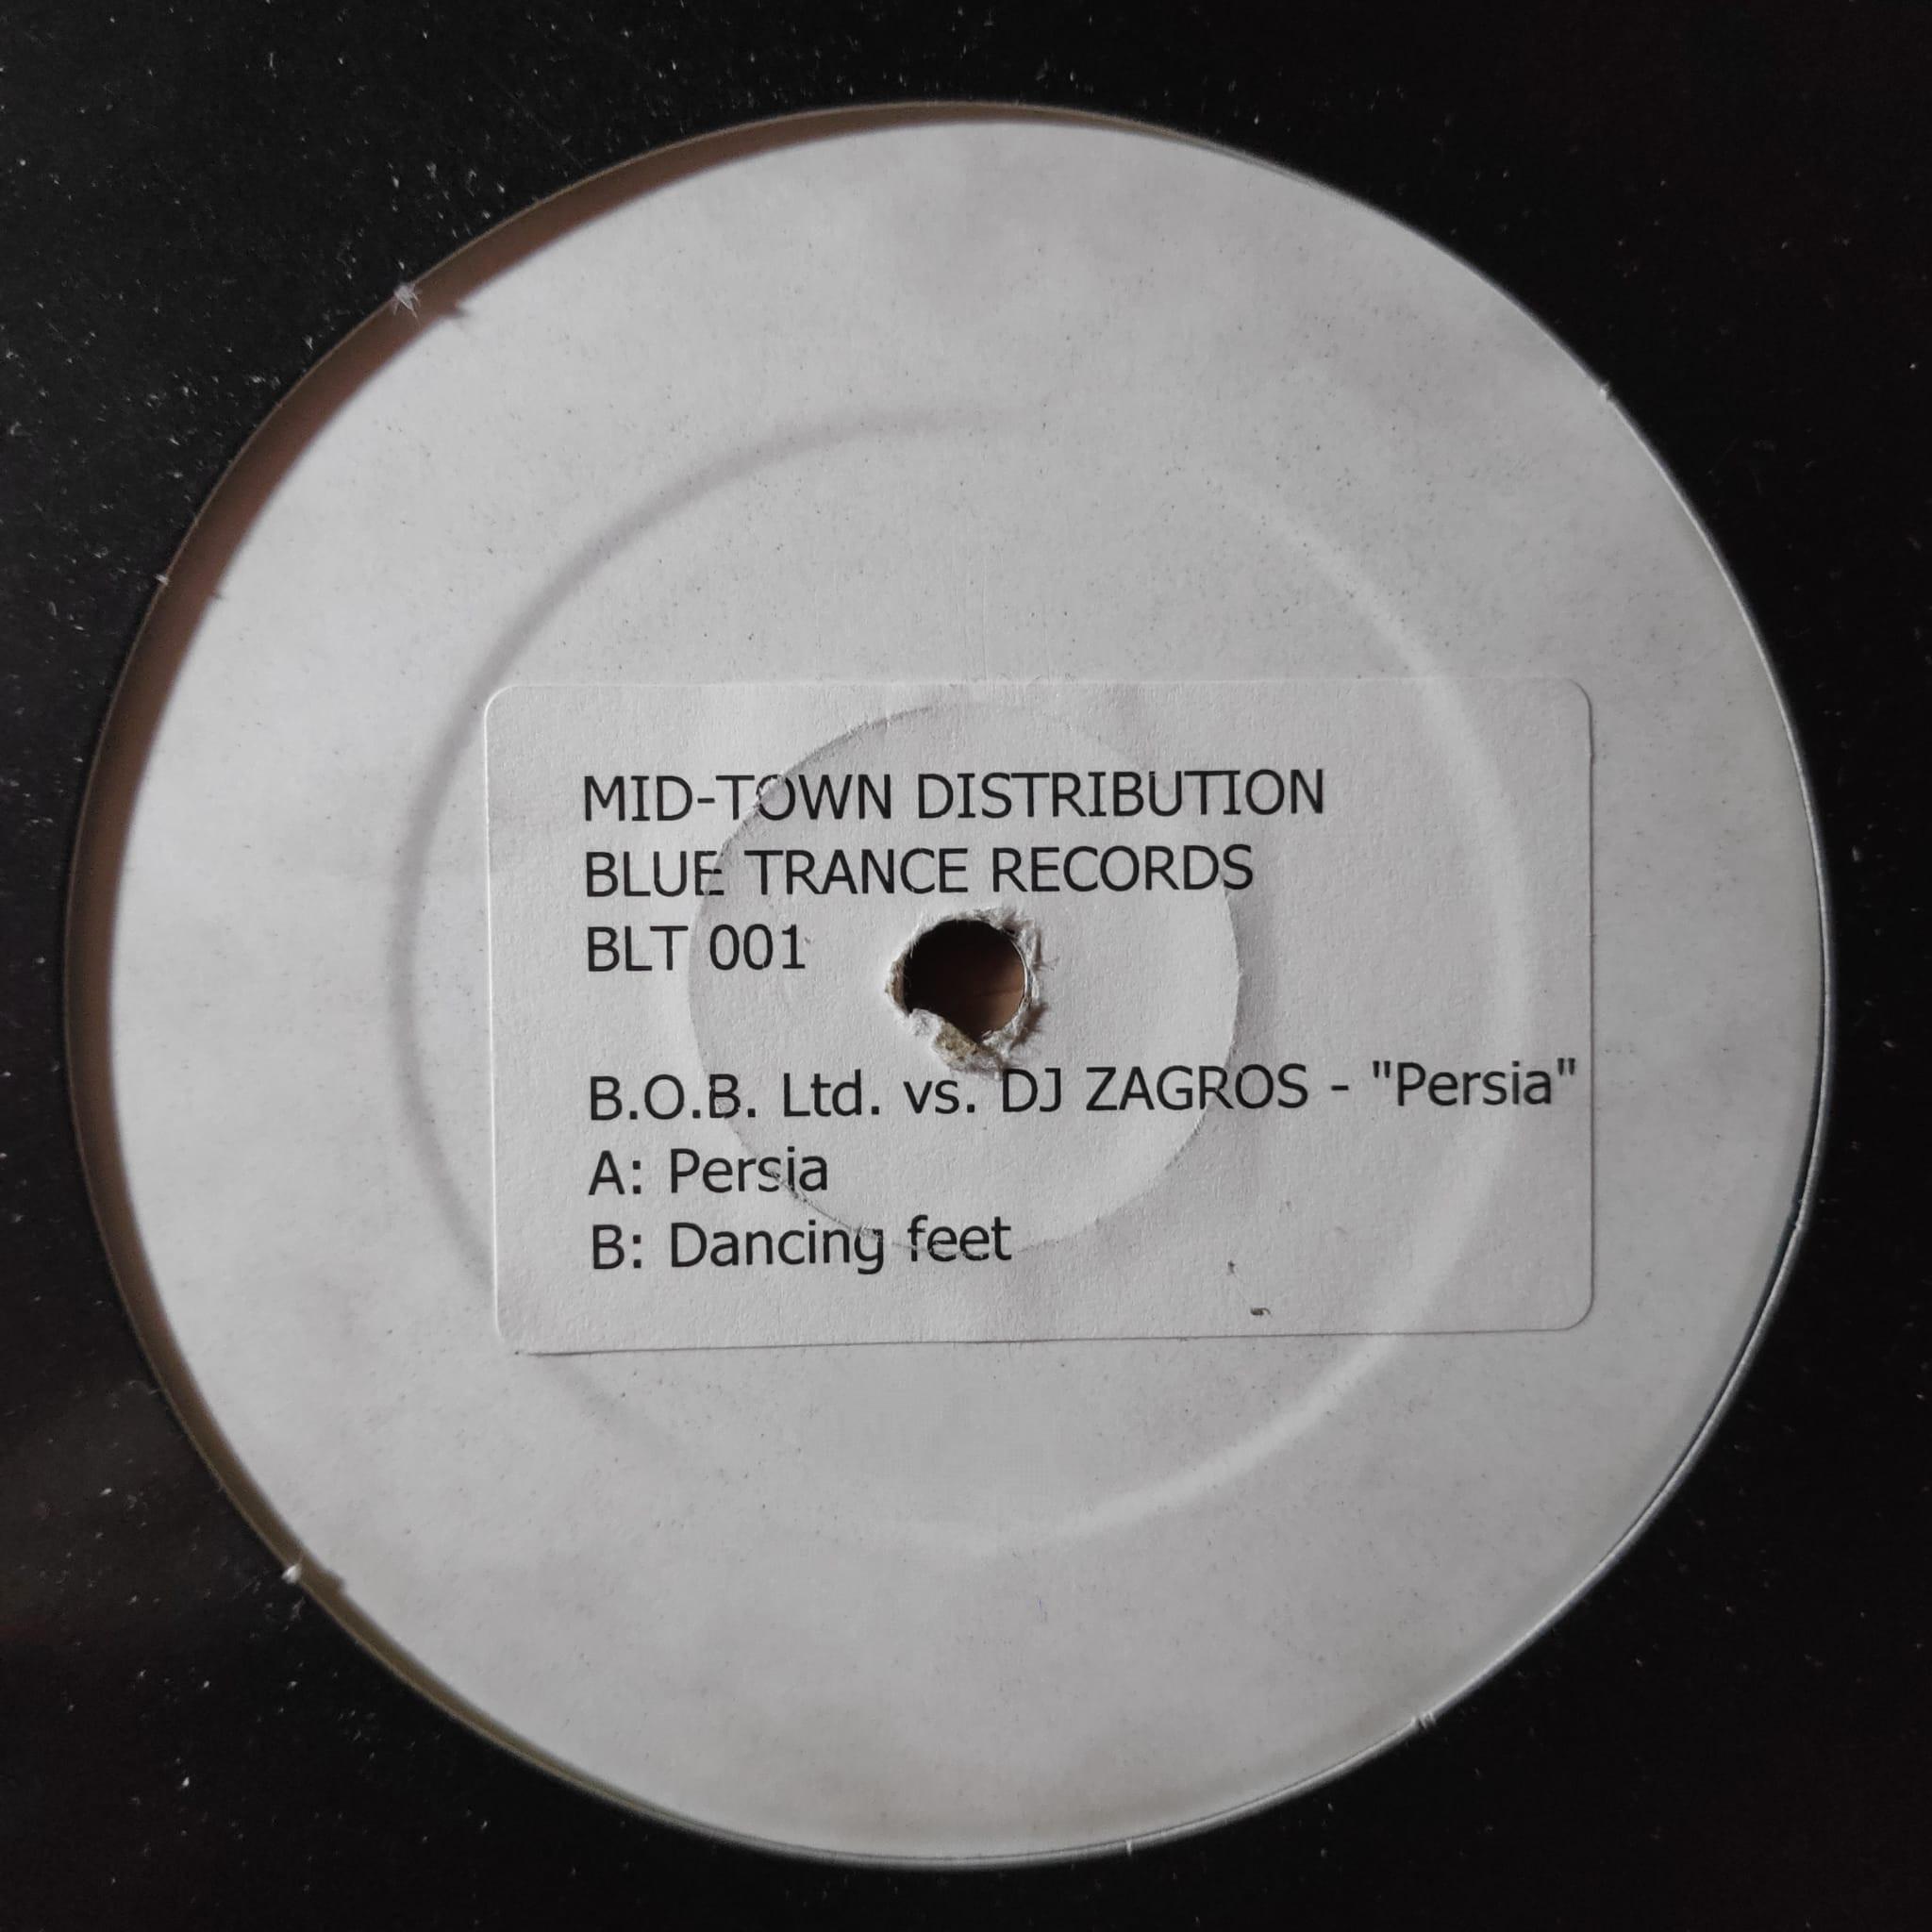 (JR1596) B.O.B. Ltd. vs. DJ Zagros – Persia